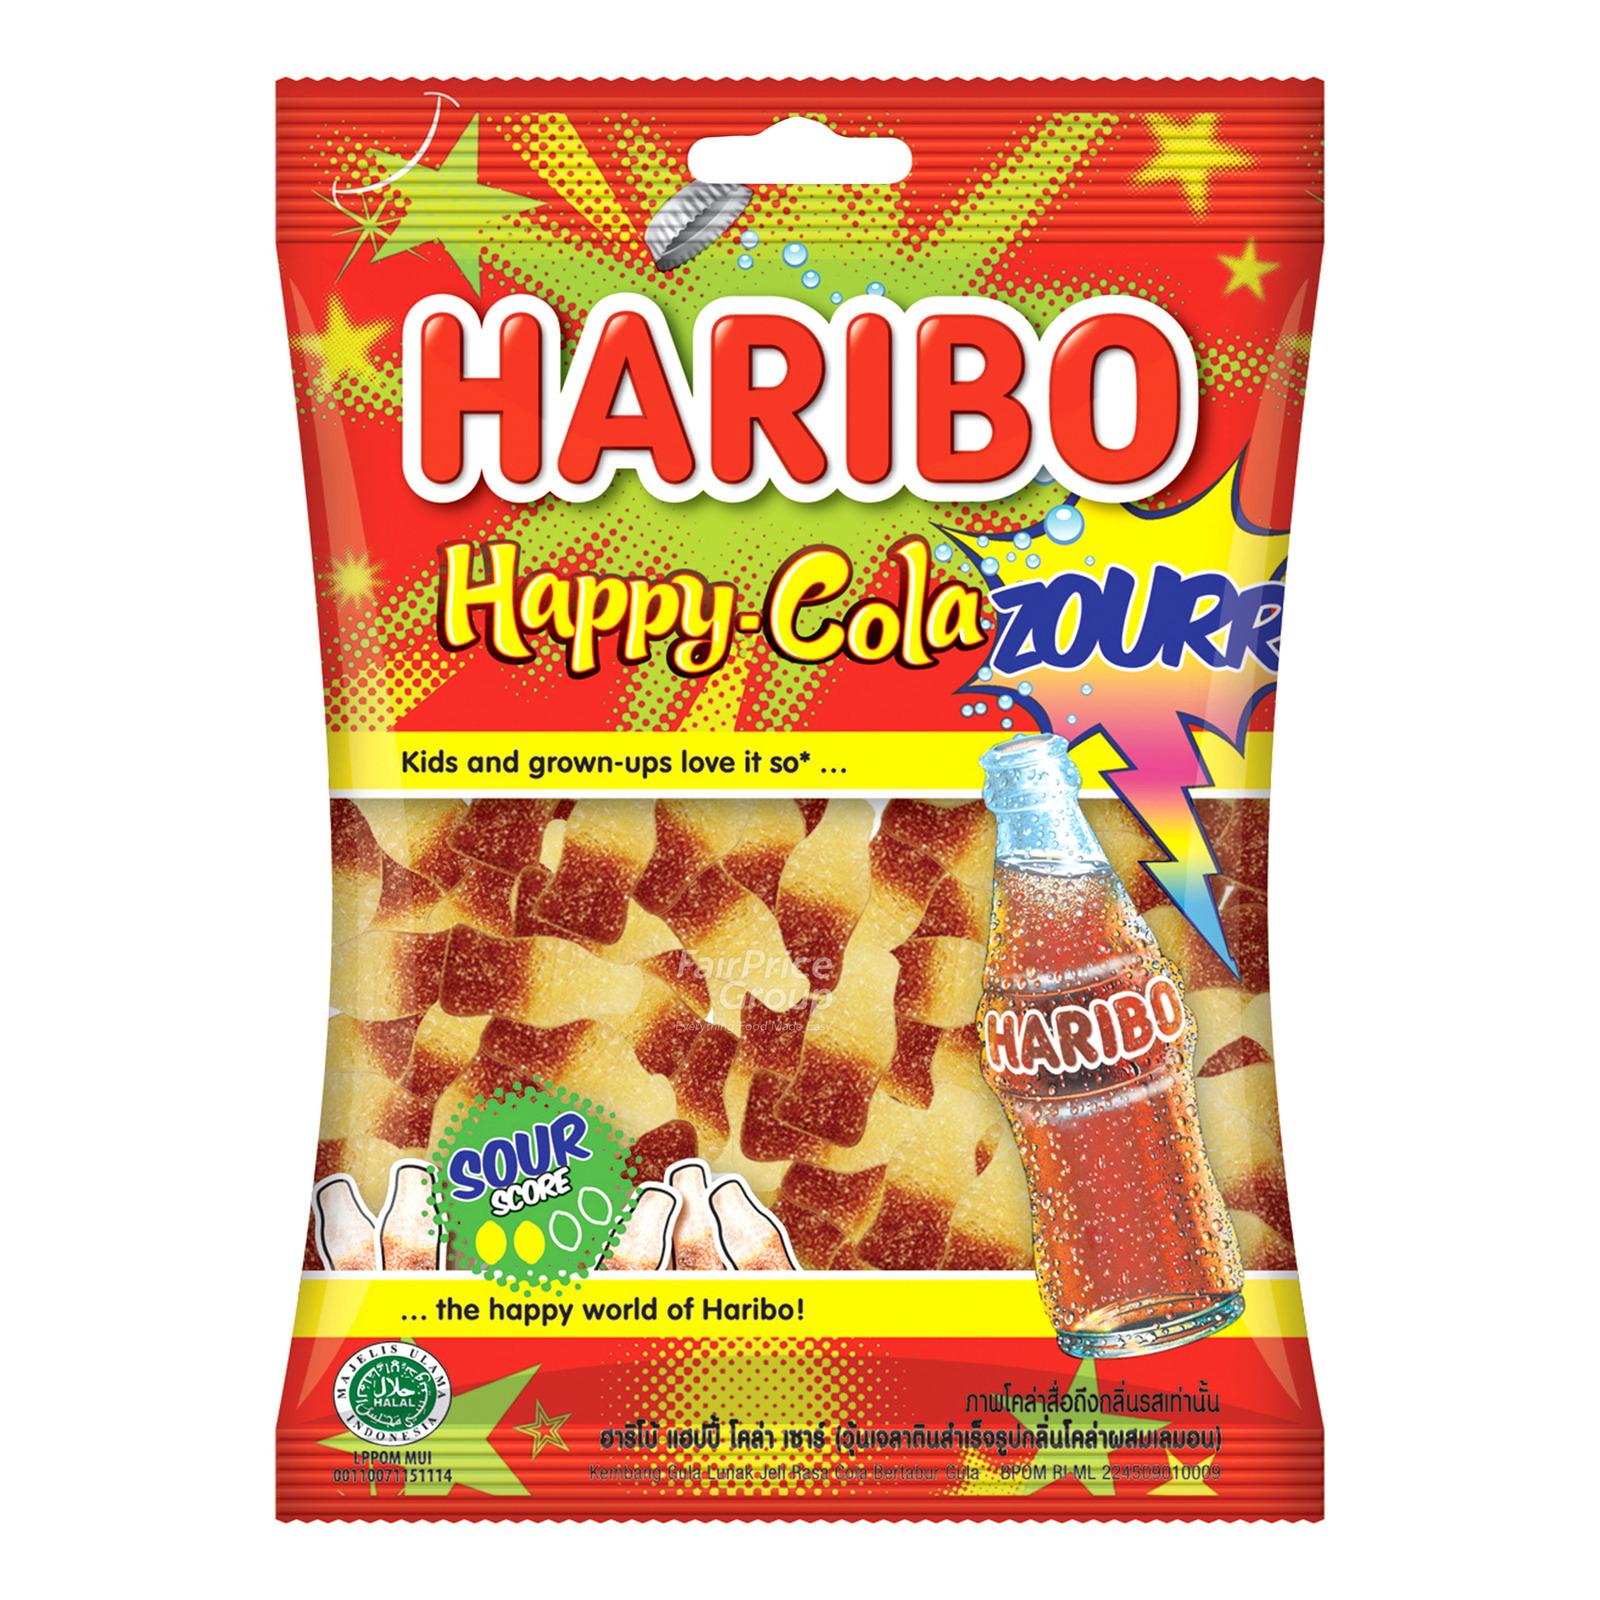 Haribo Gummy Candies - Happy Cola Zourr